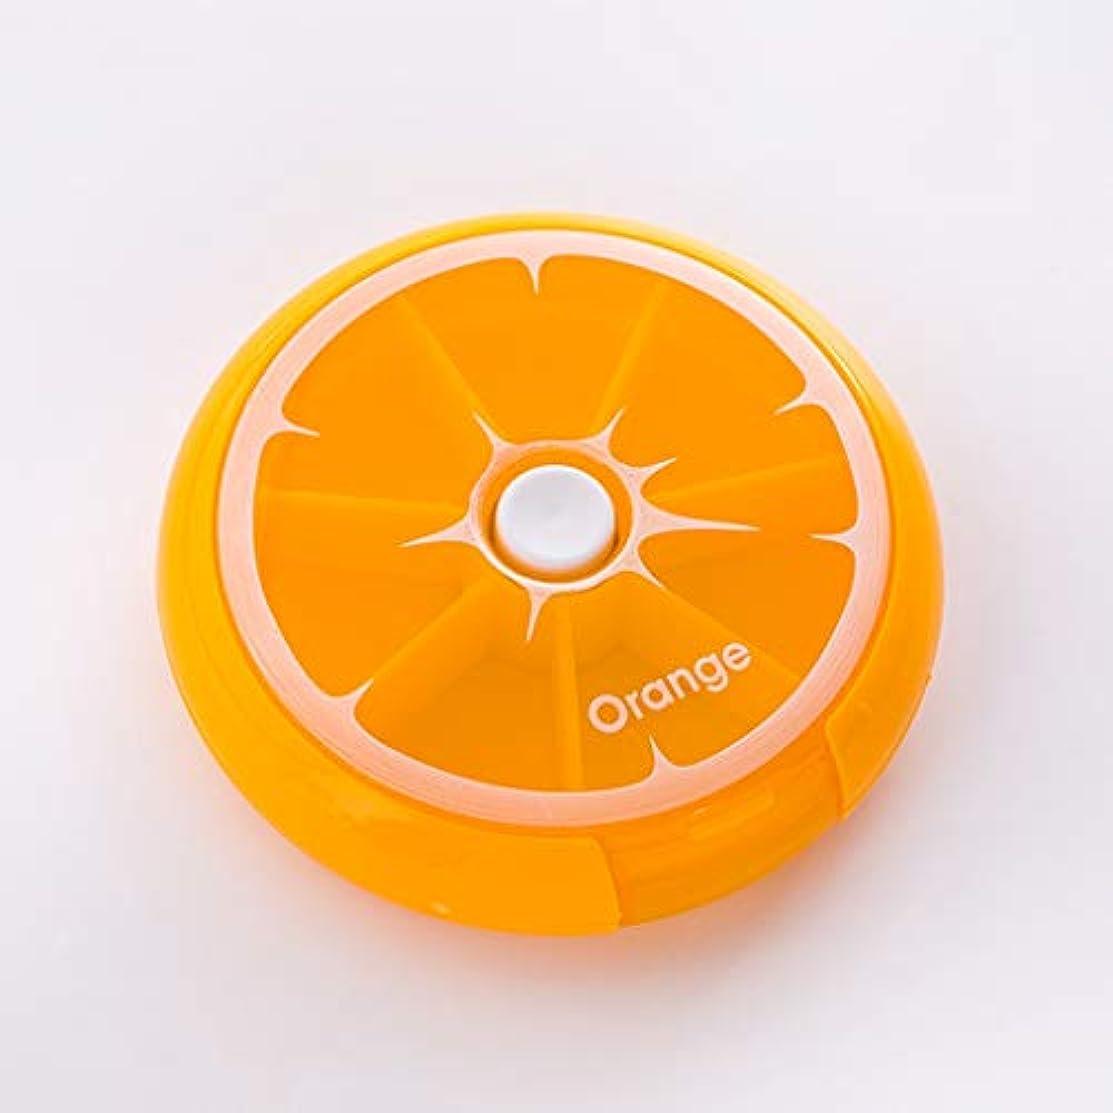 役割形空白一週間ピルボックスポータブルピル薬包装薬収納ボックスかわいいビタミンボックス小キャリー 薬箱 (Color : Orange, Size : 9cm×2cm)